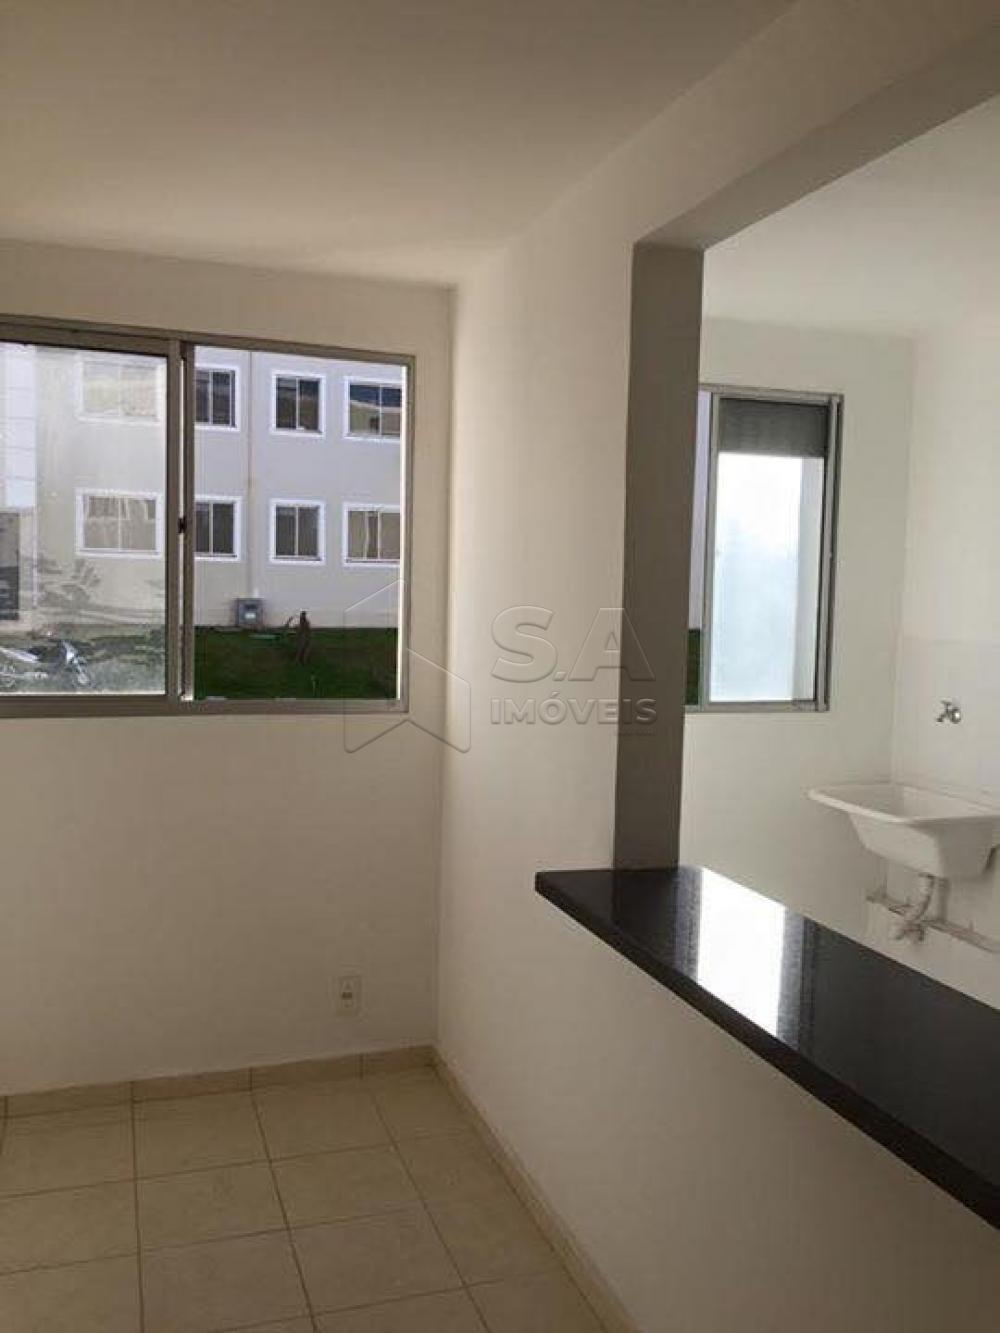 Comprar Apartamento / Padrão em Botucatu R$ 110.000,00 - Foto 2